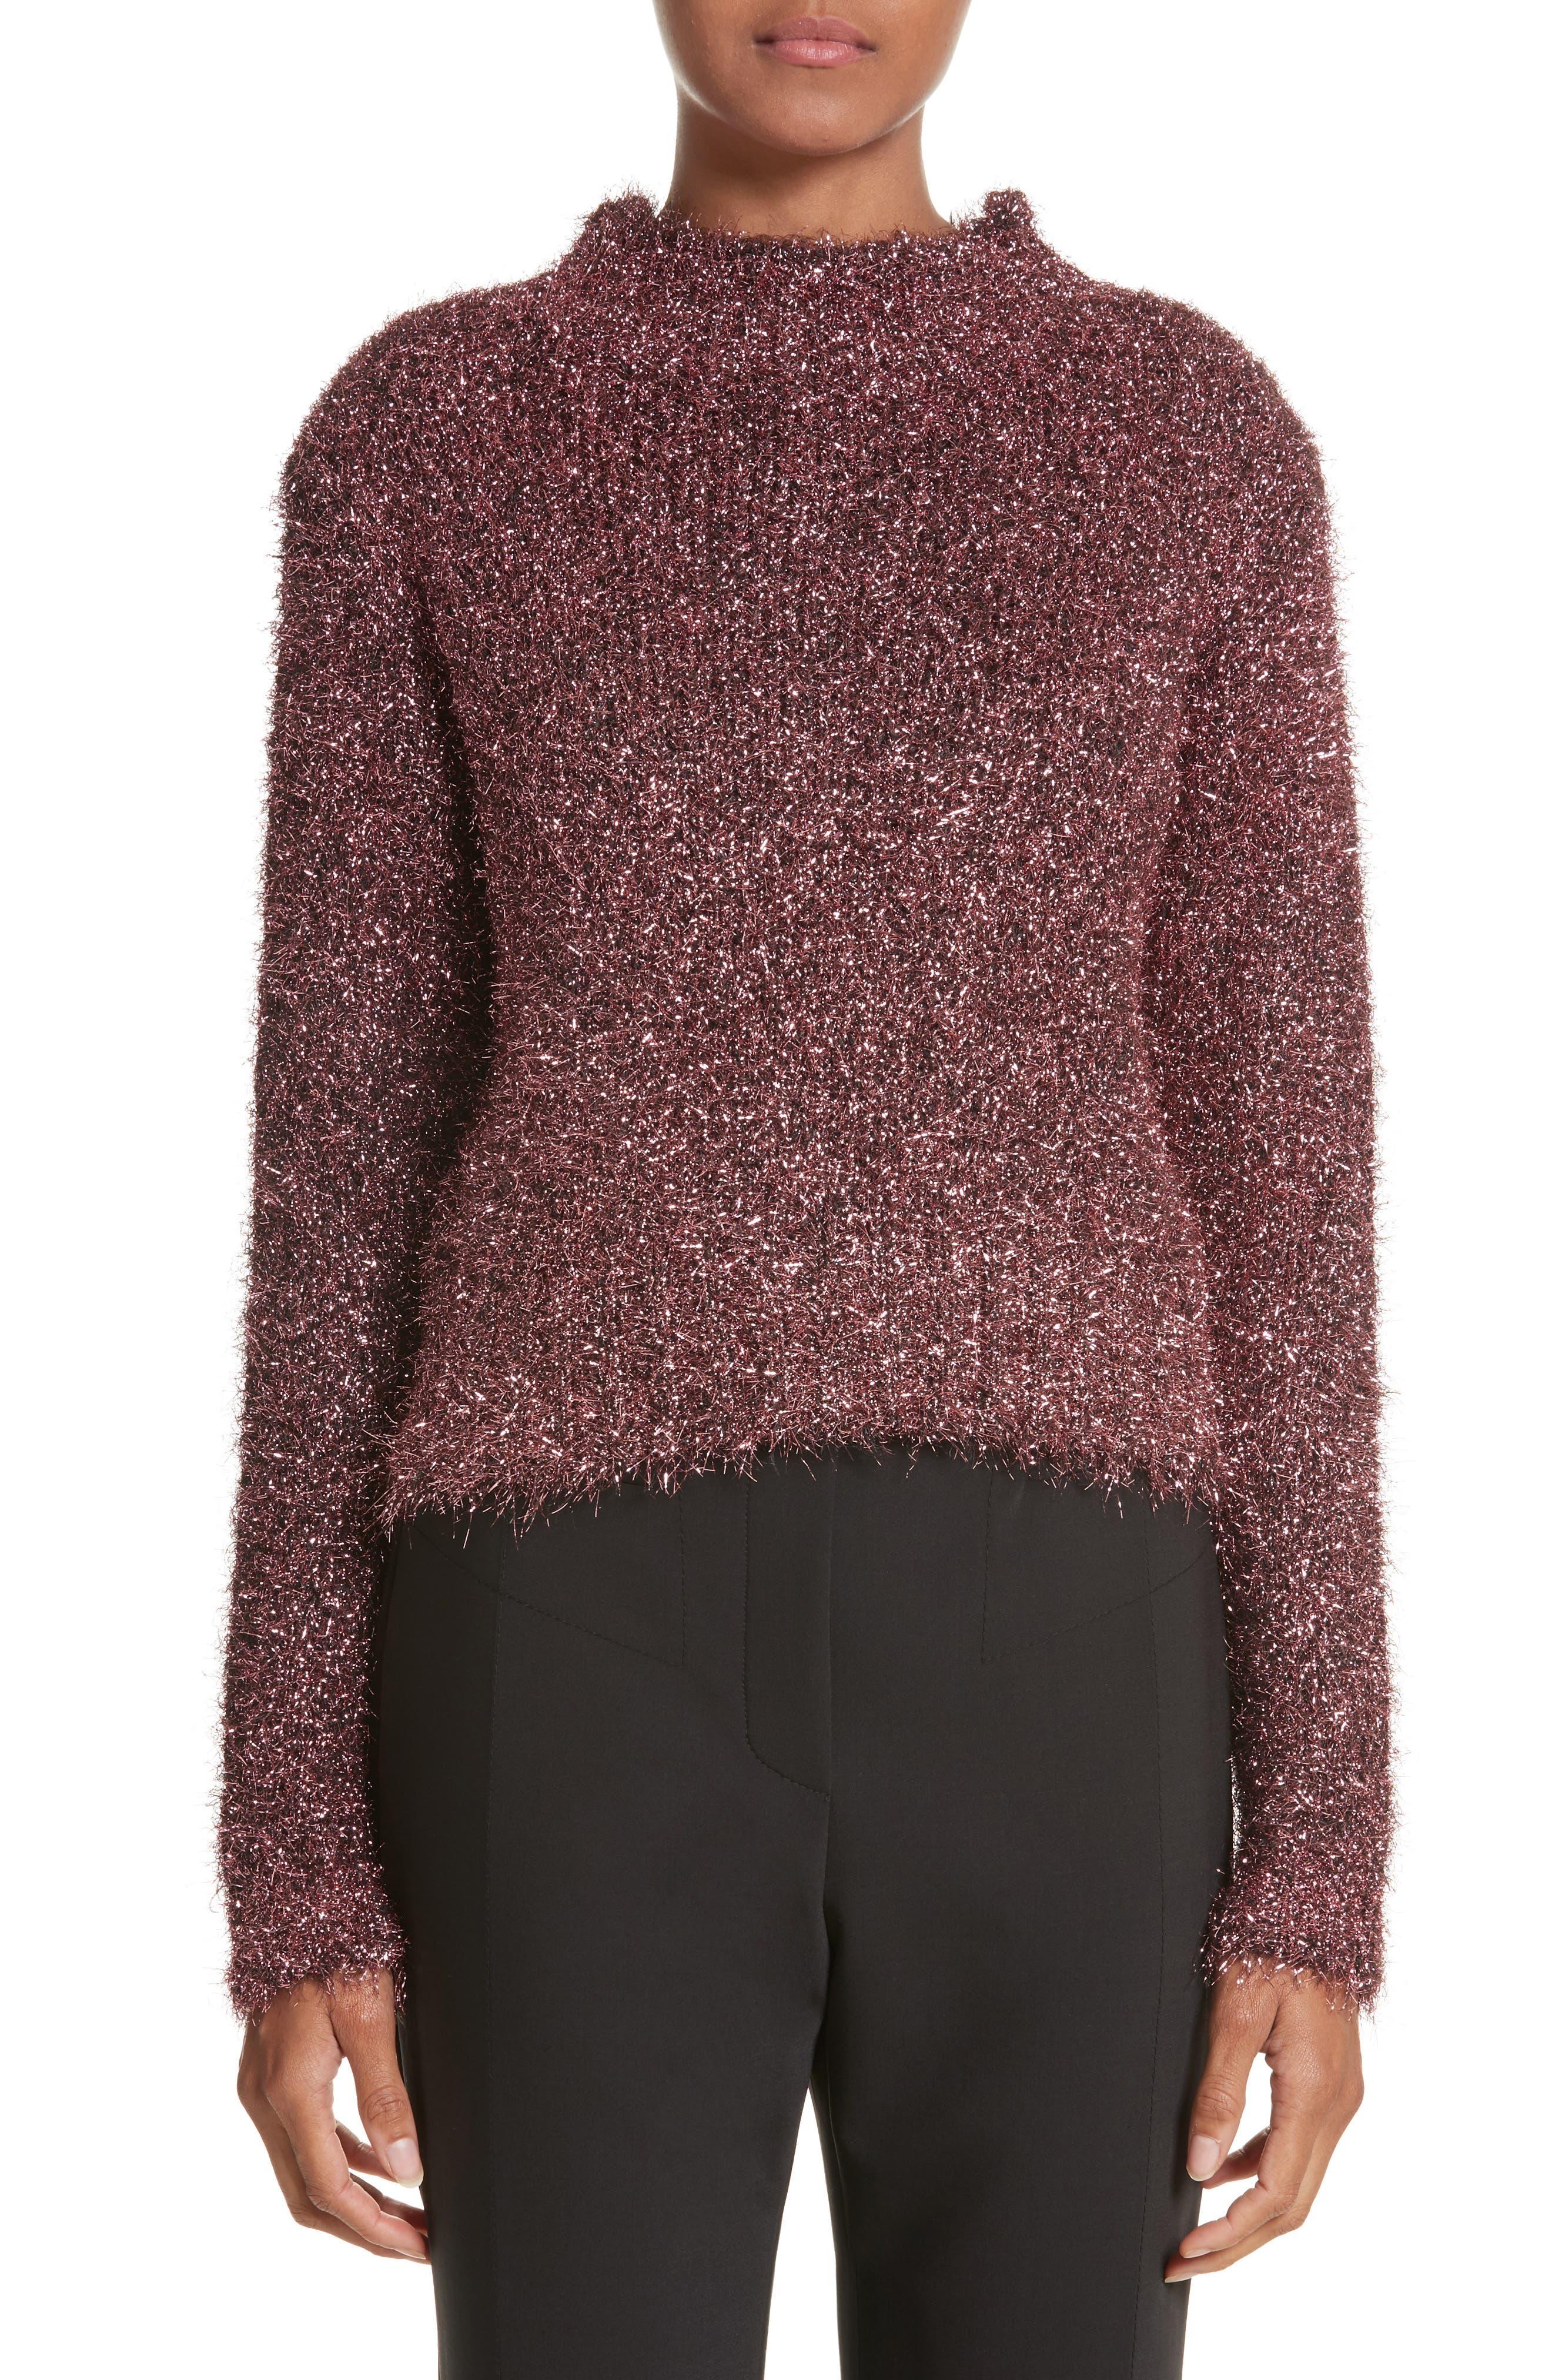 Vaporize Textured Metallic Sweater,                             Main thumbnail 1, color,                             650